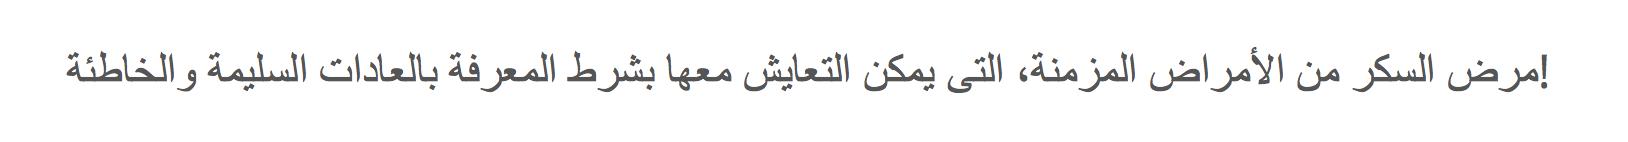 arabic-text-1